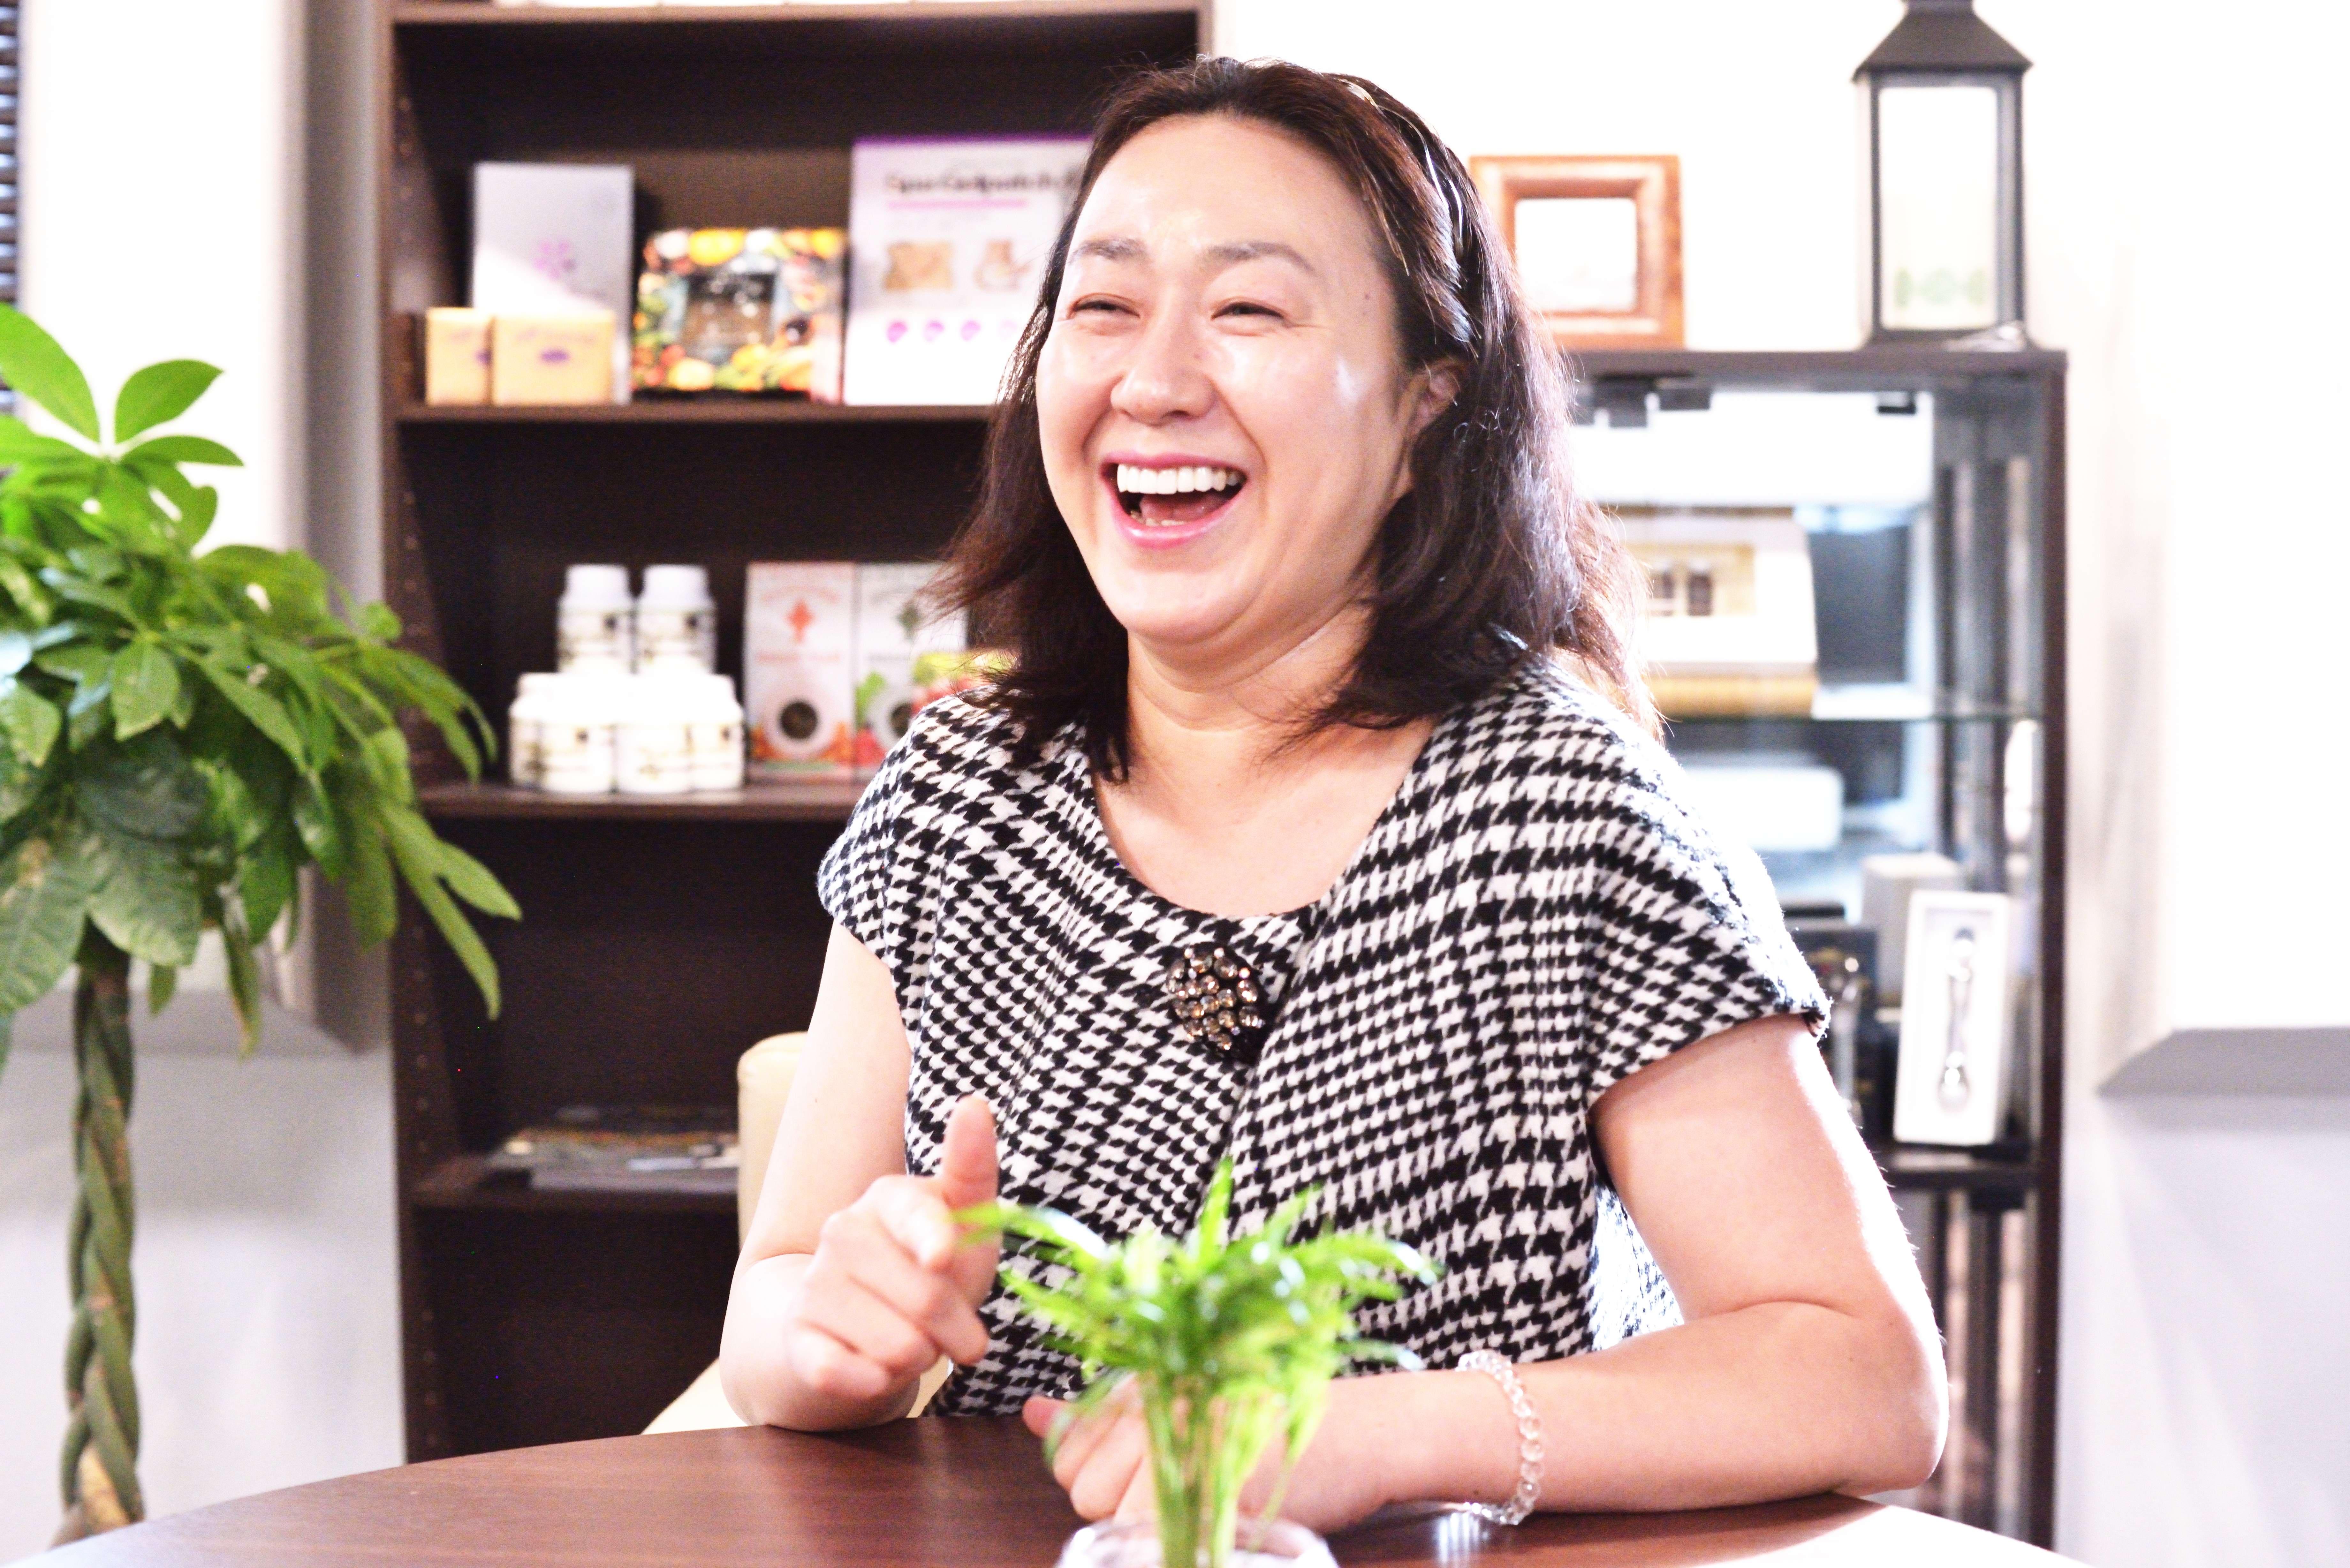 ダイエットに革命を起こしたい! 菅原智美 氏のインタビュー掲載です。